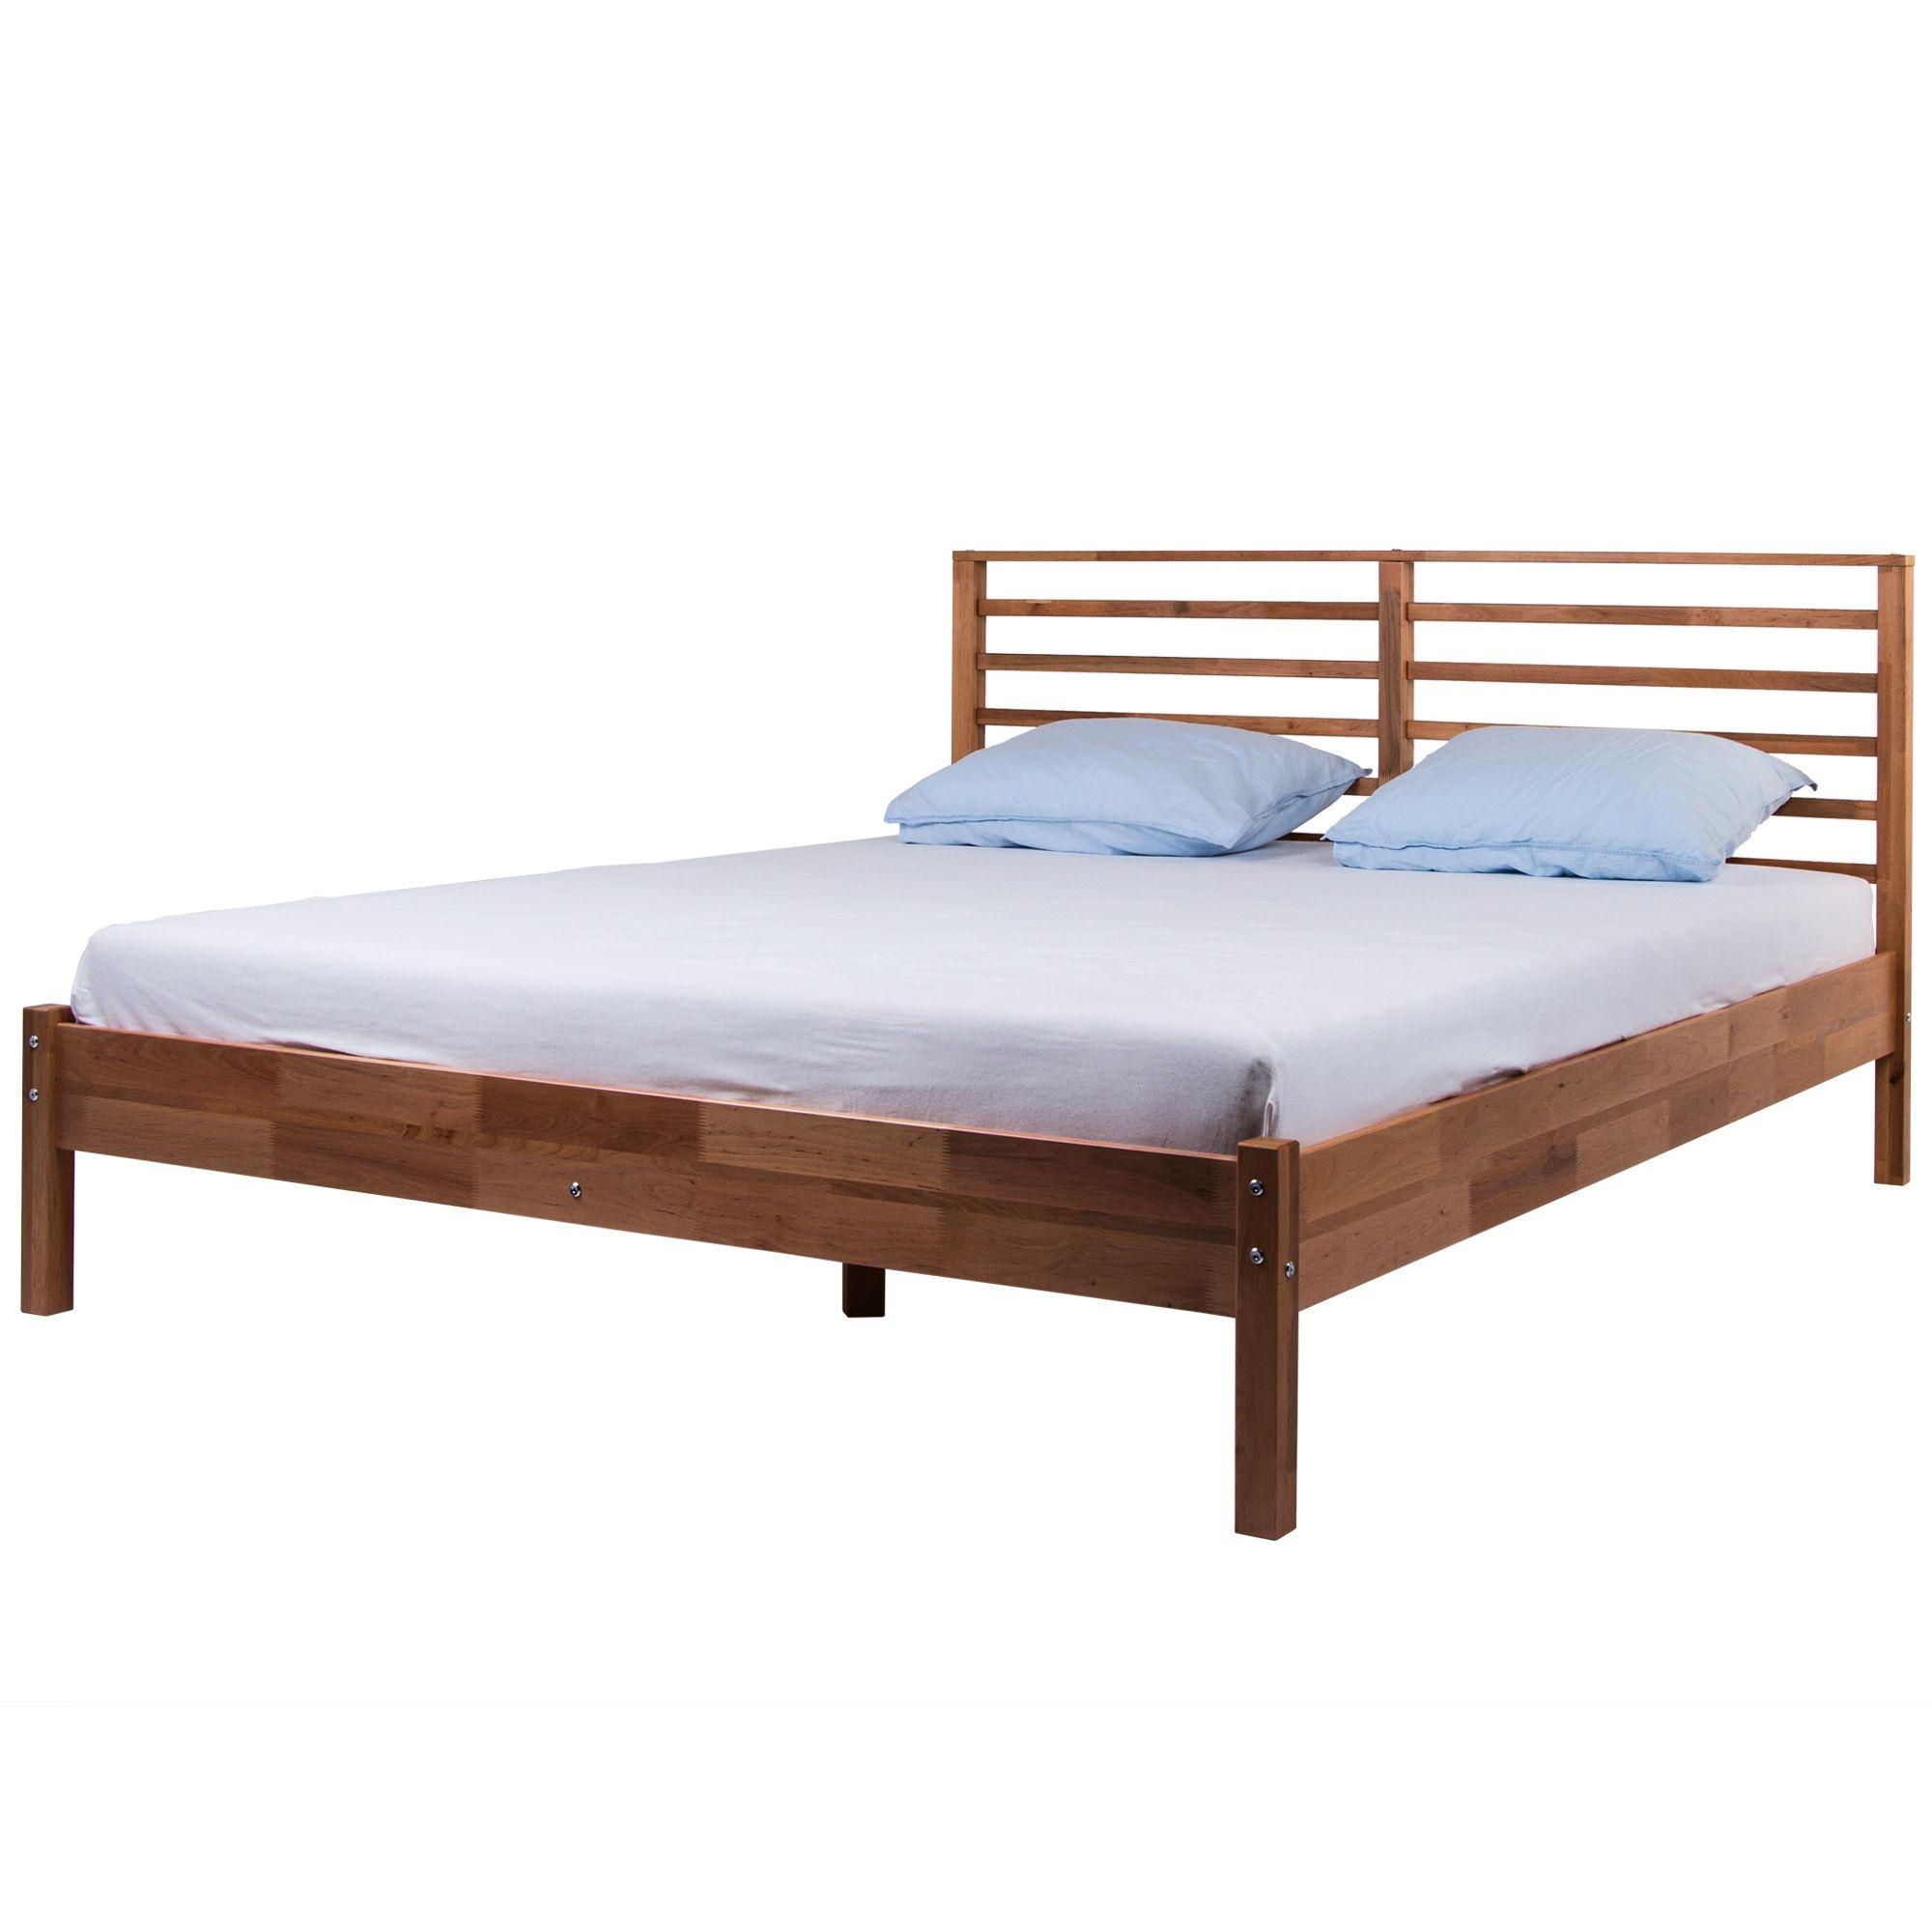 Łóżko podwójne drewniane 160x200 proste olcha